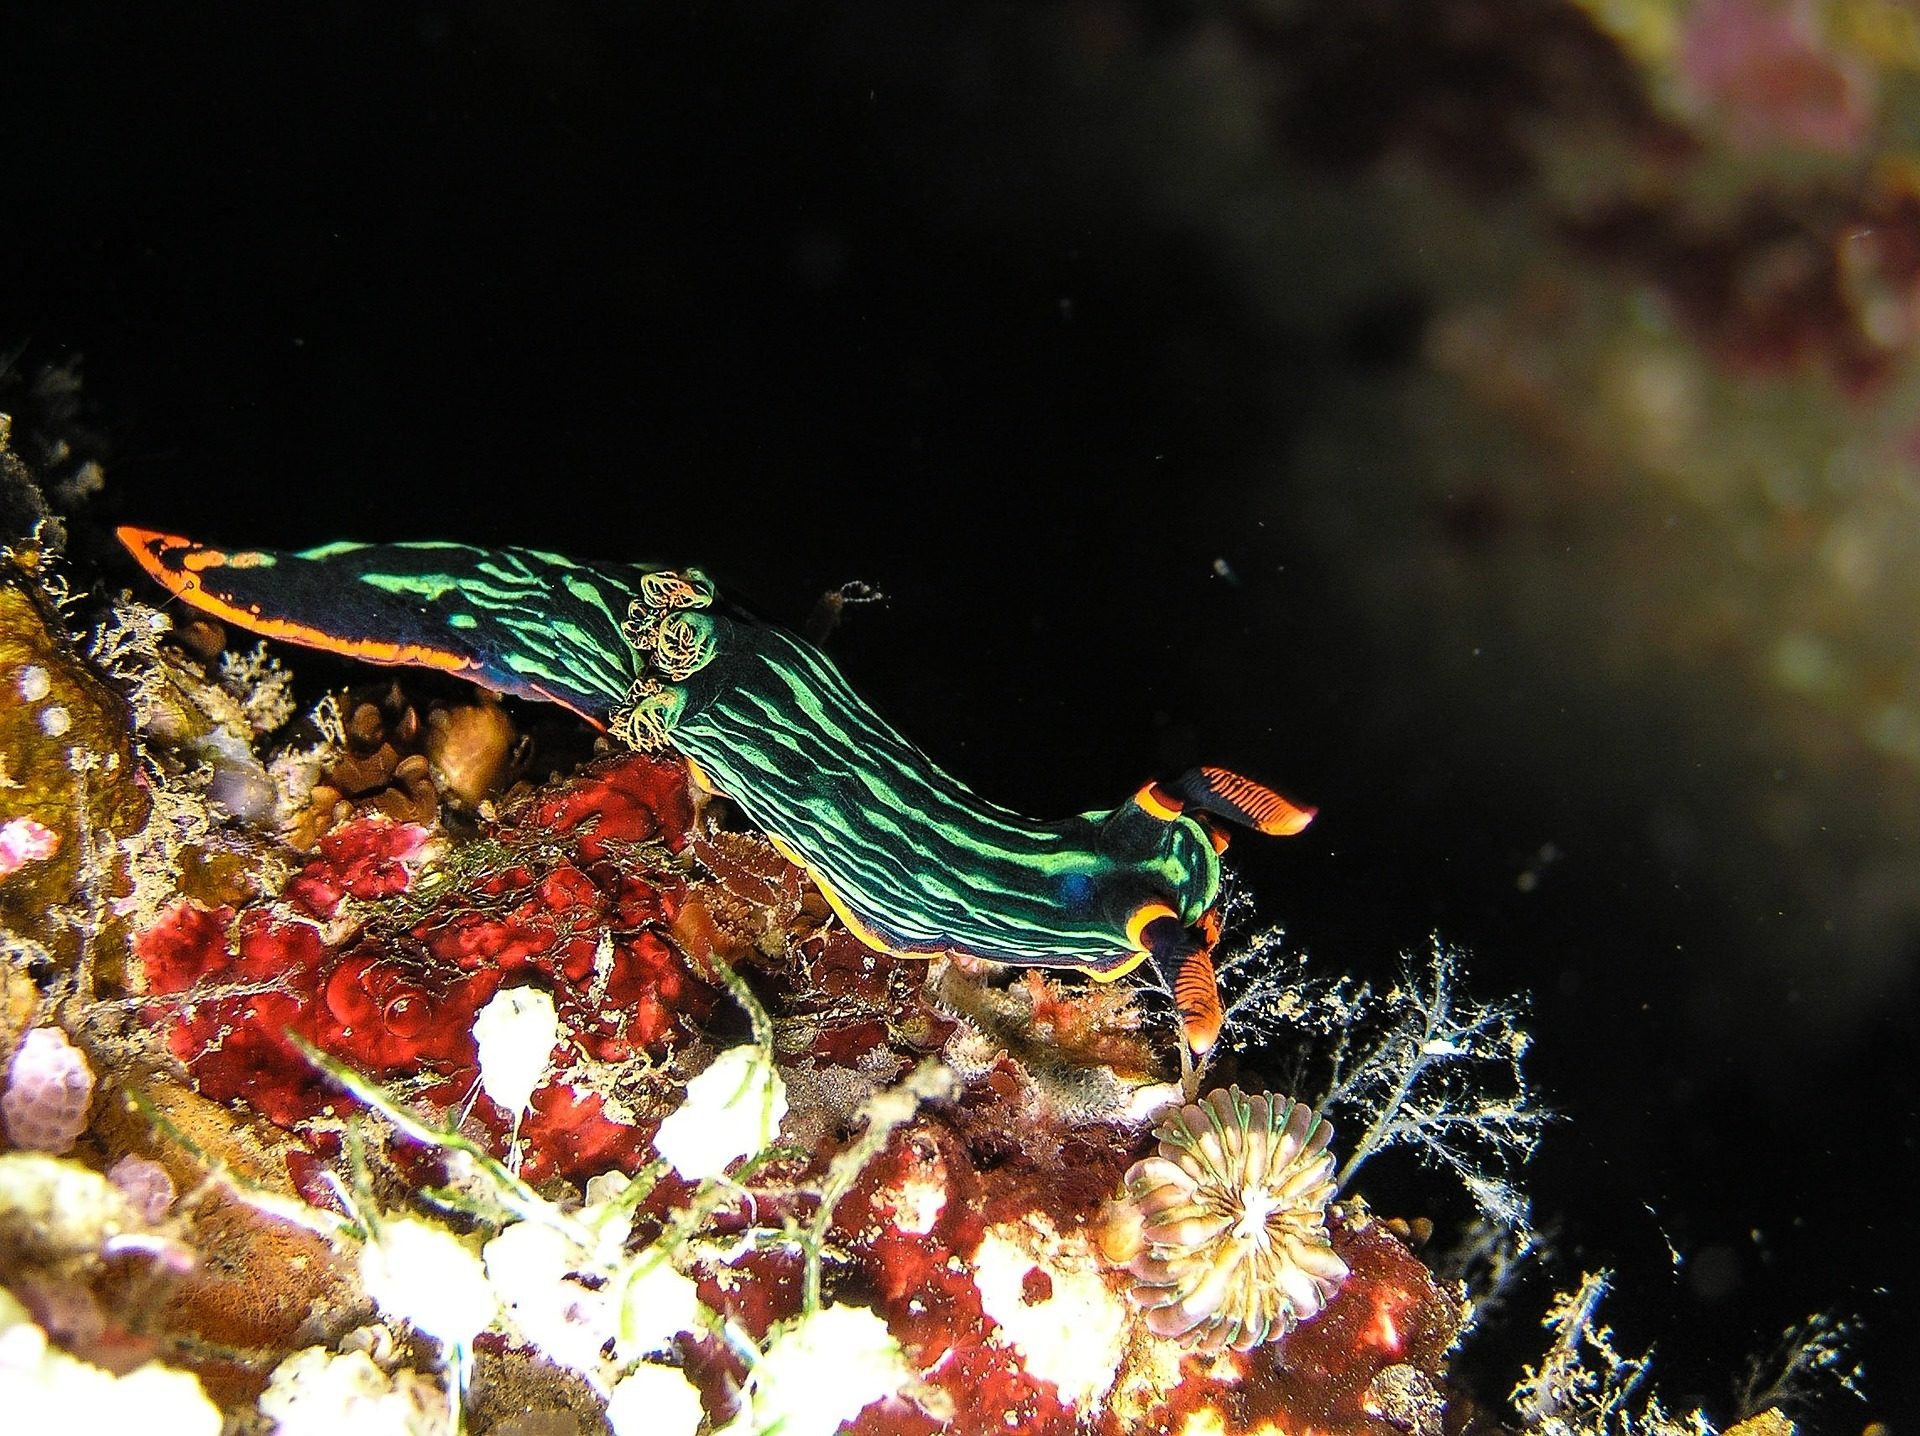 σαλιγκάρι, Μαρίνο, υποβρύχια, Θάλασσα, Ωκεανός, πανίδα - Wallpapers HD - Professor-falken.com